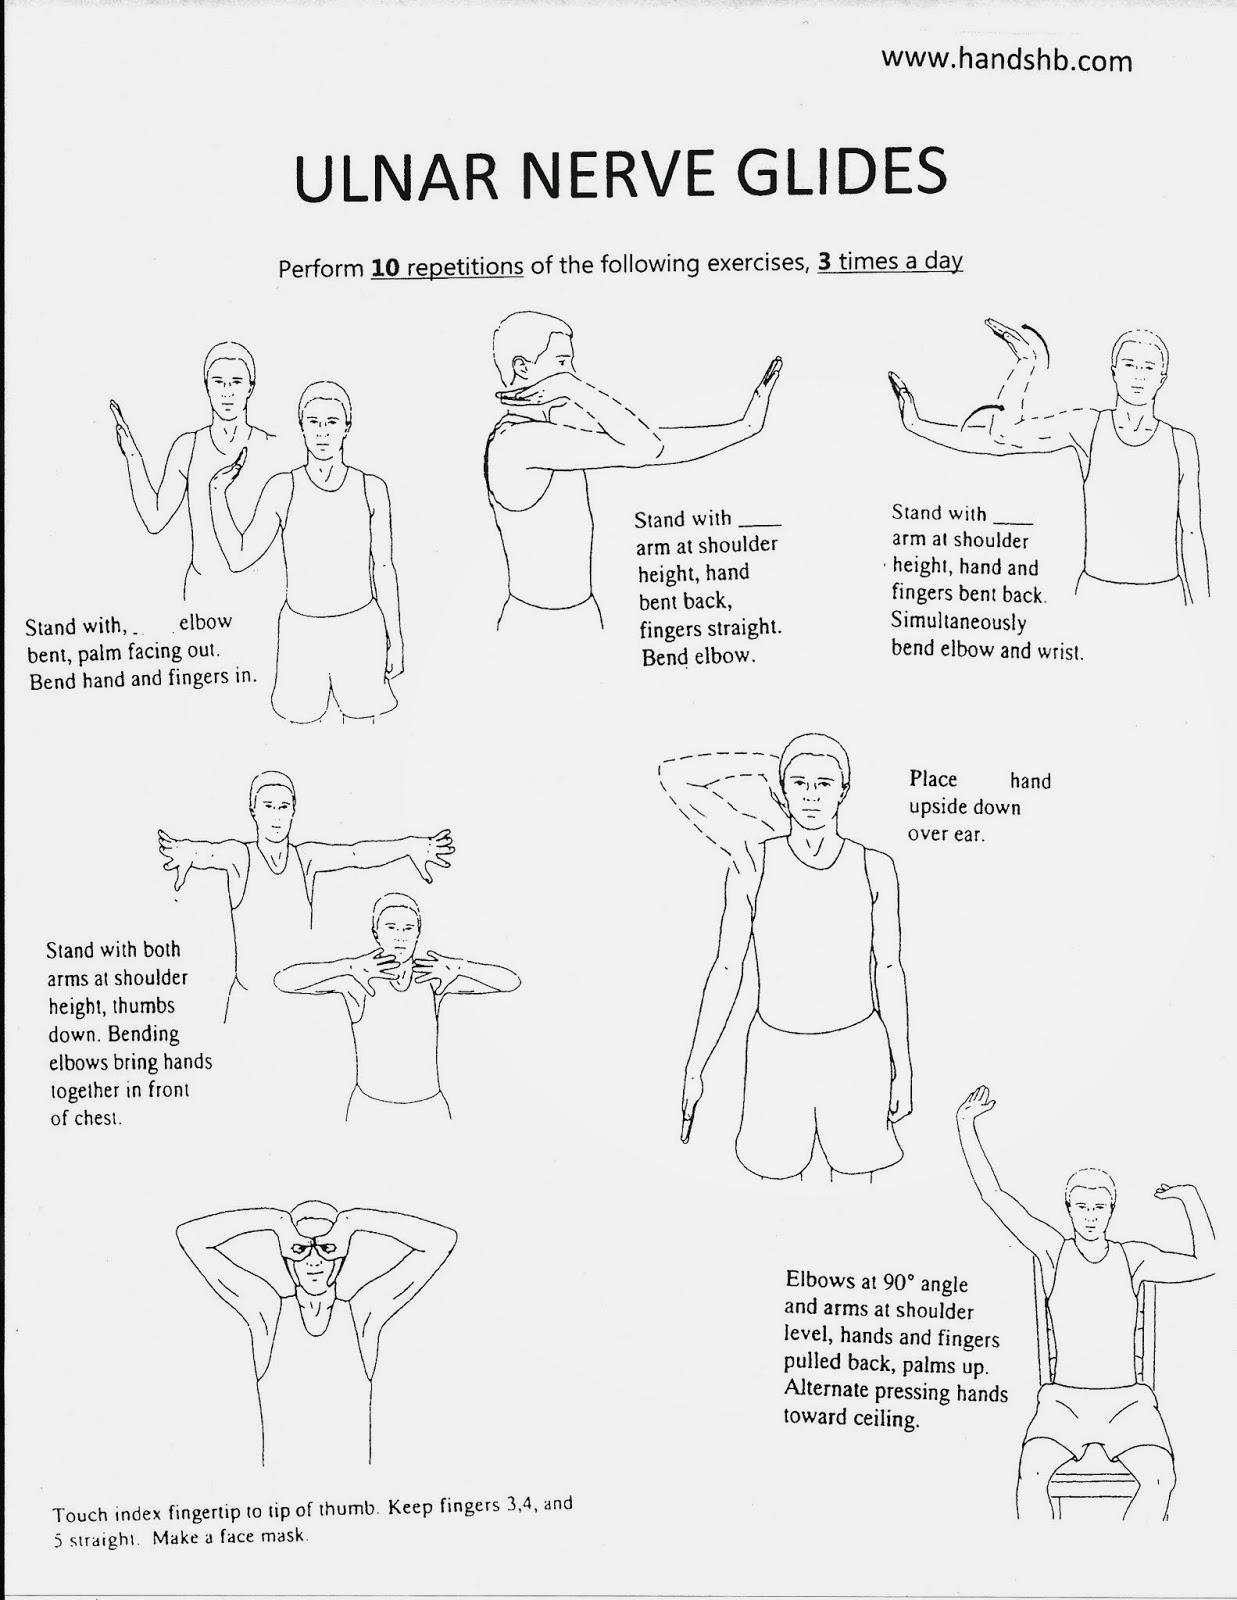 Hb Hands Ulnar Nerve Glides